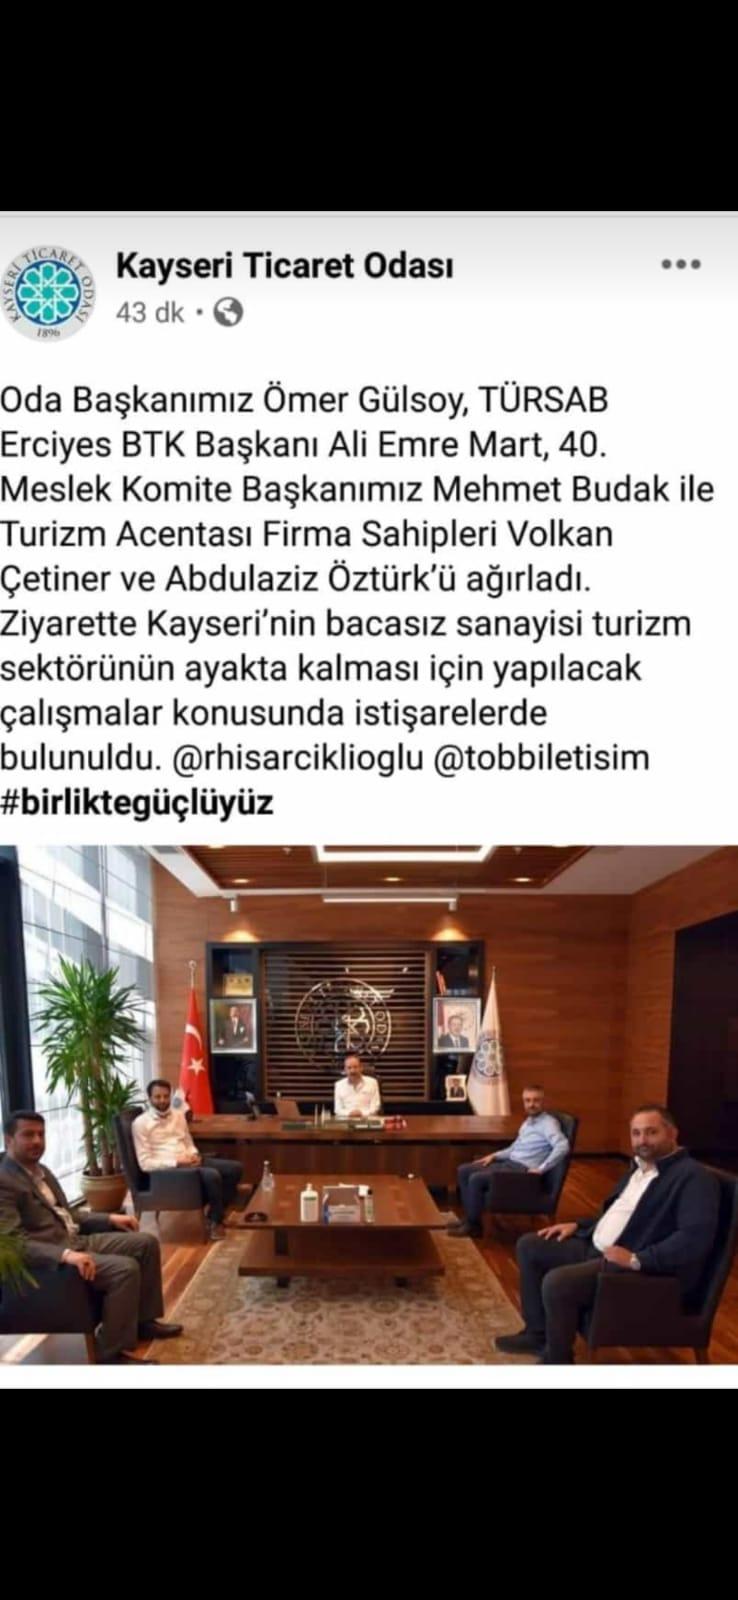 KAYSERİ TİCARET ODASI KAYSERİ TURİZMİ KONULU İSTİŞARE TOPLANTISI